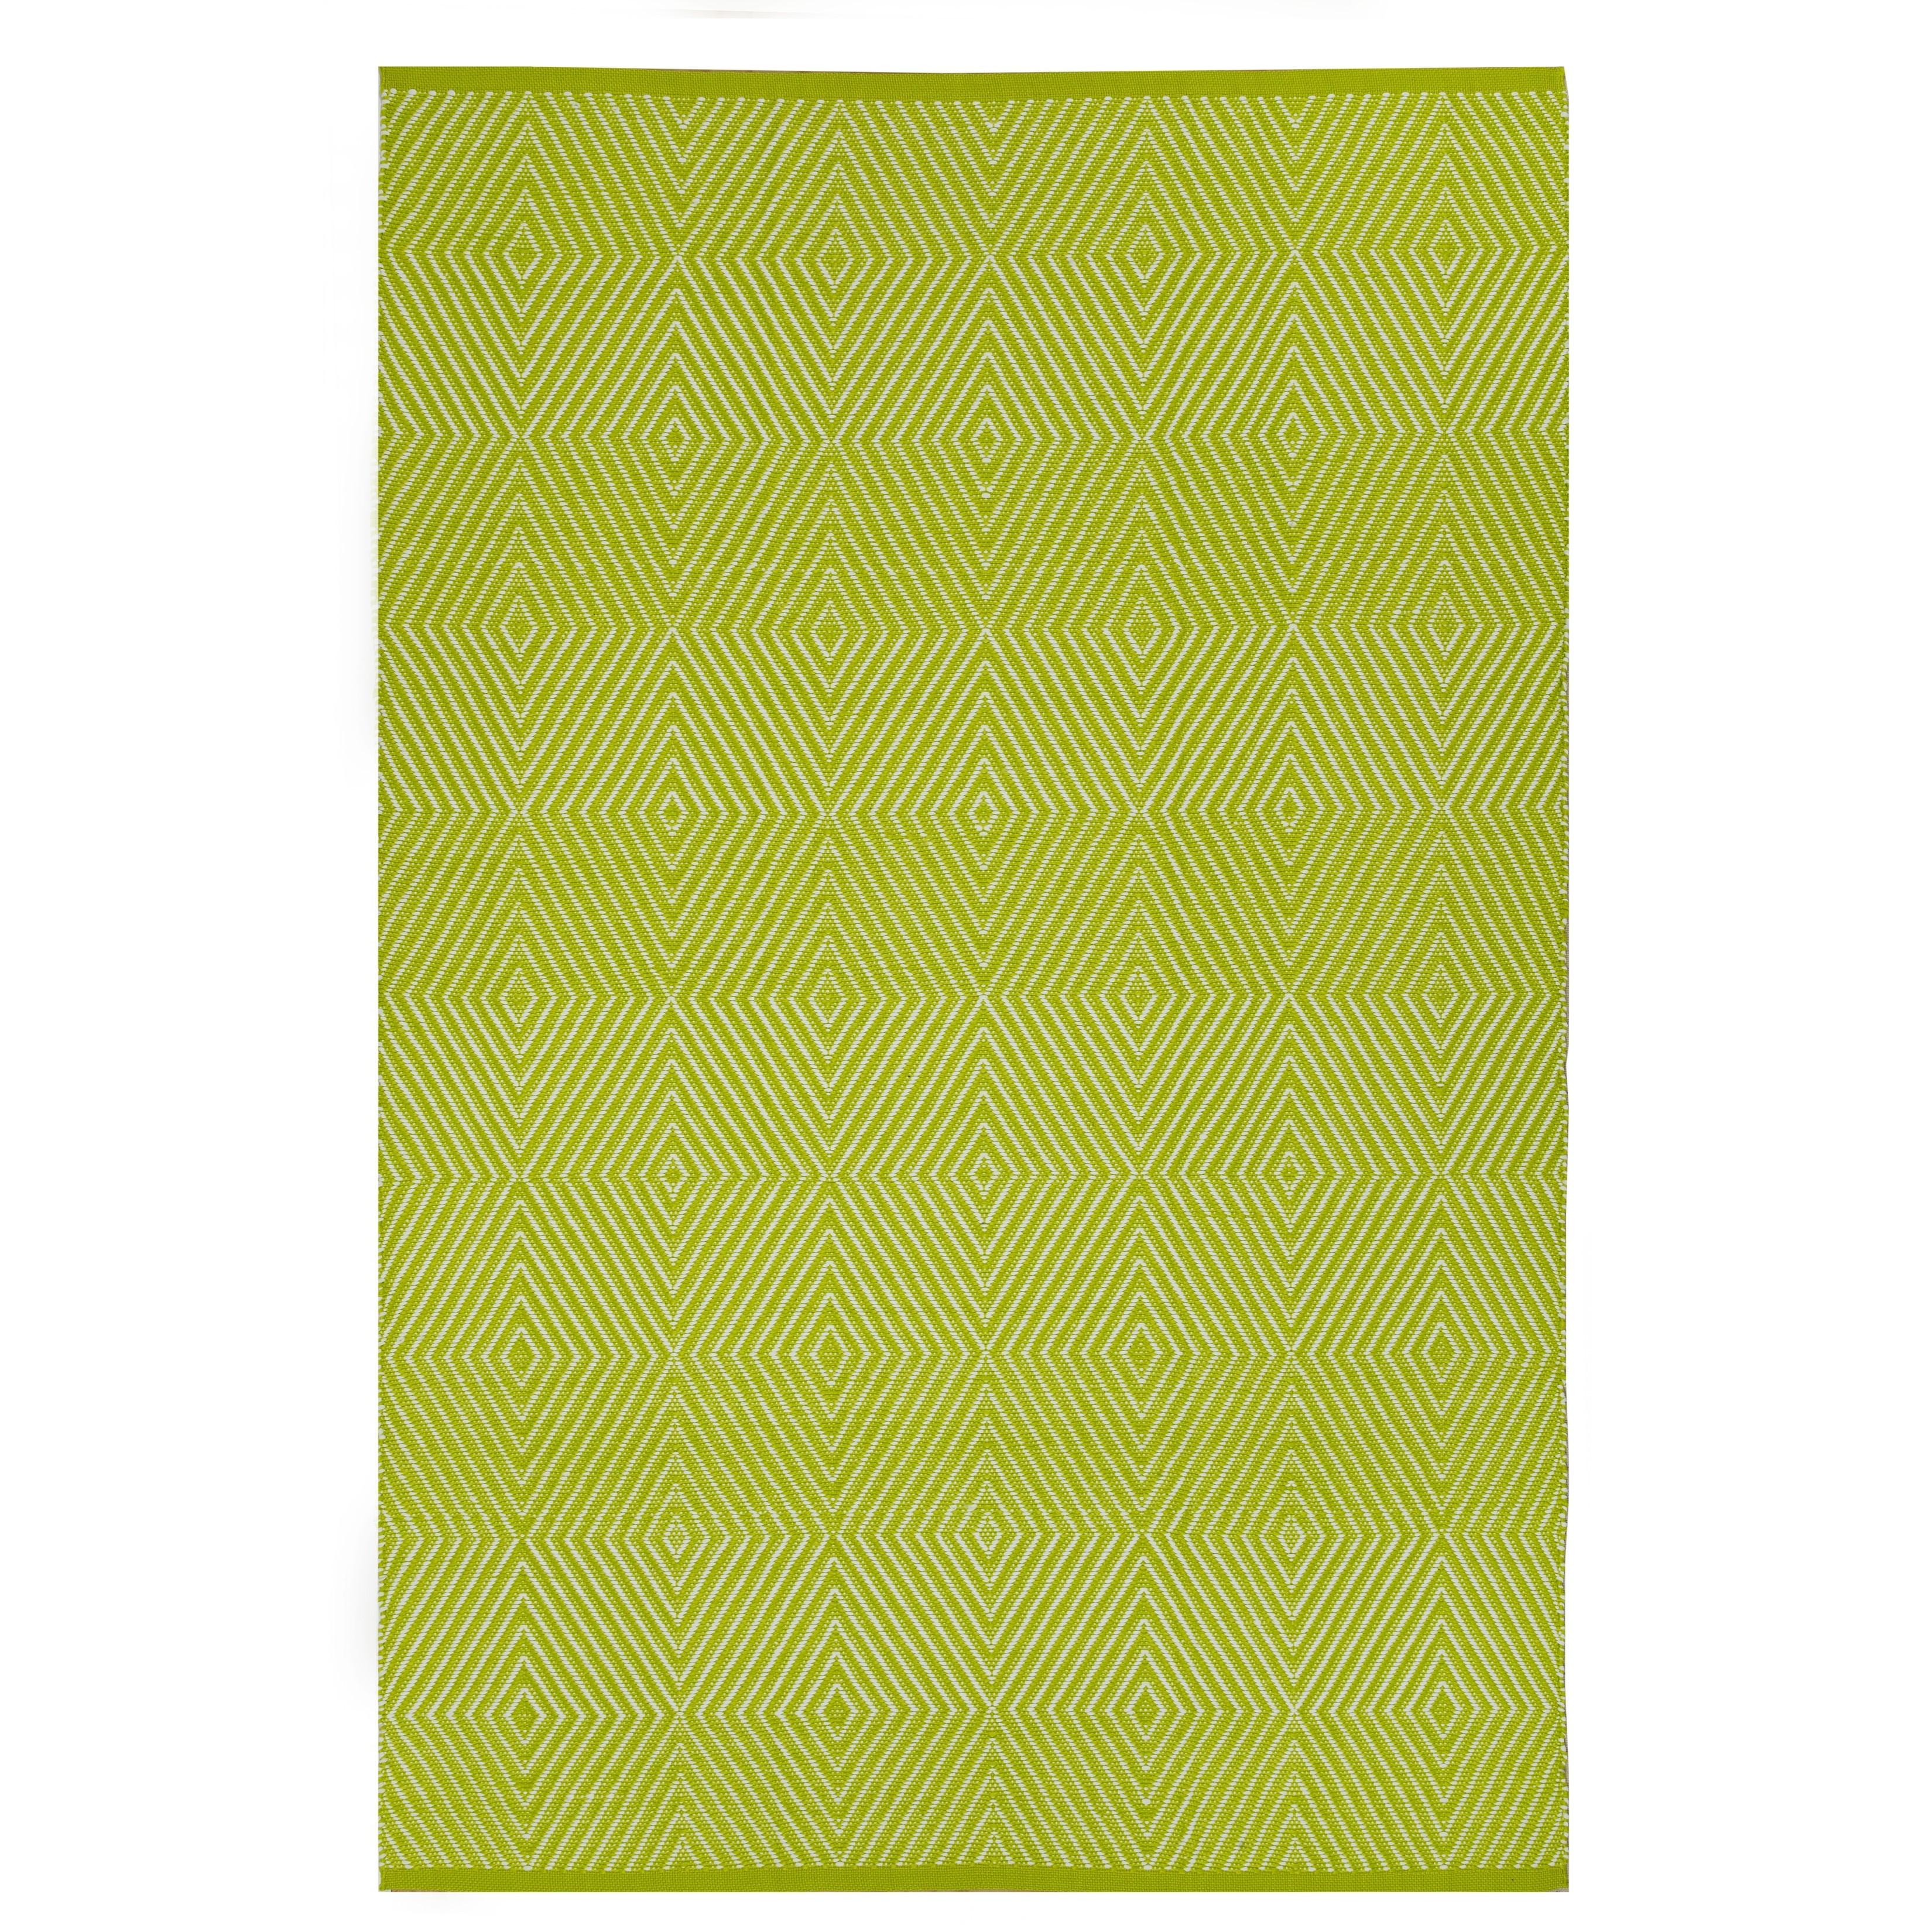 Fab Habitat Indoor/Outdoor Rug Zen Green/ White Contemporary Geometric Area  Rug (3' x 5') - 3' x 5'/Surplus